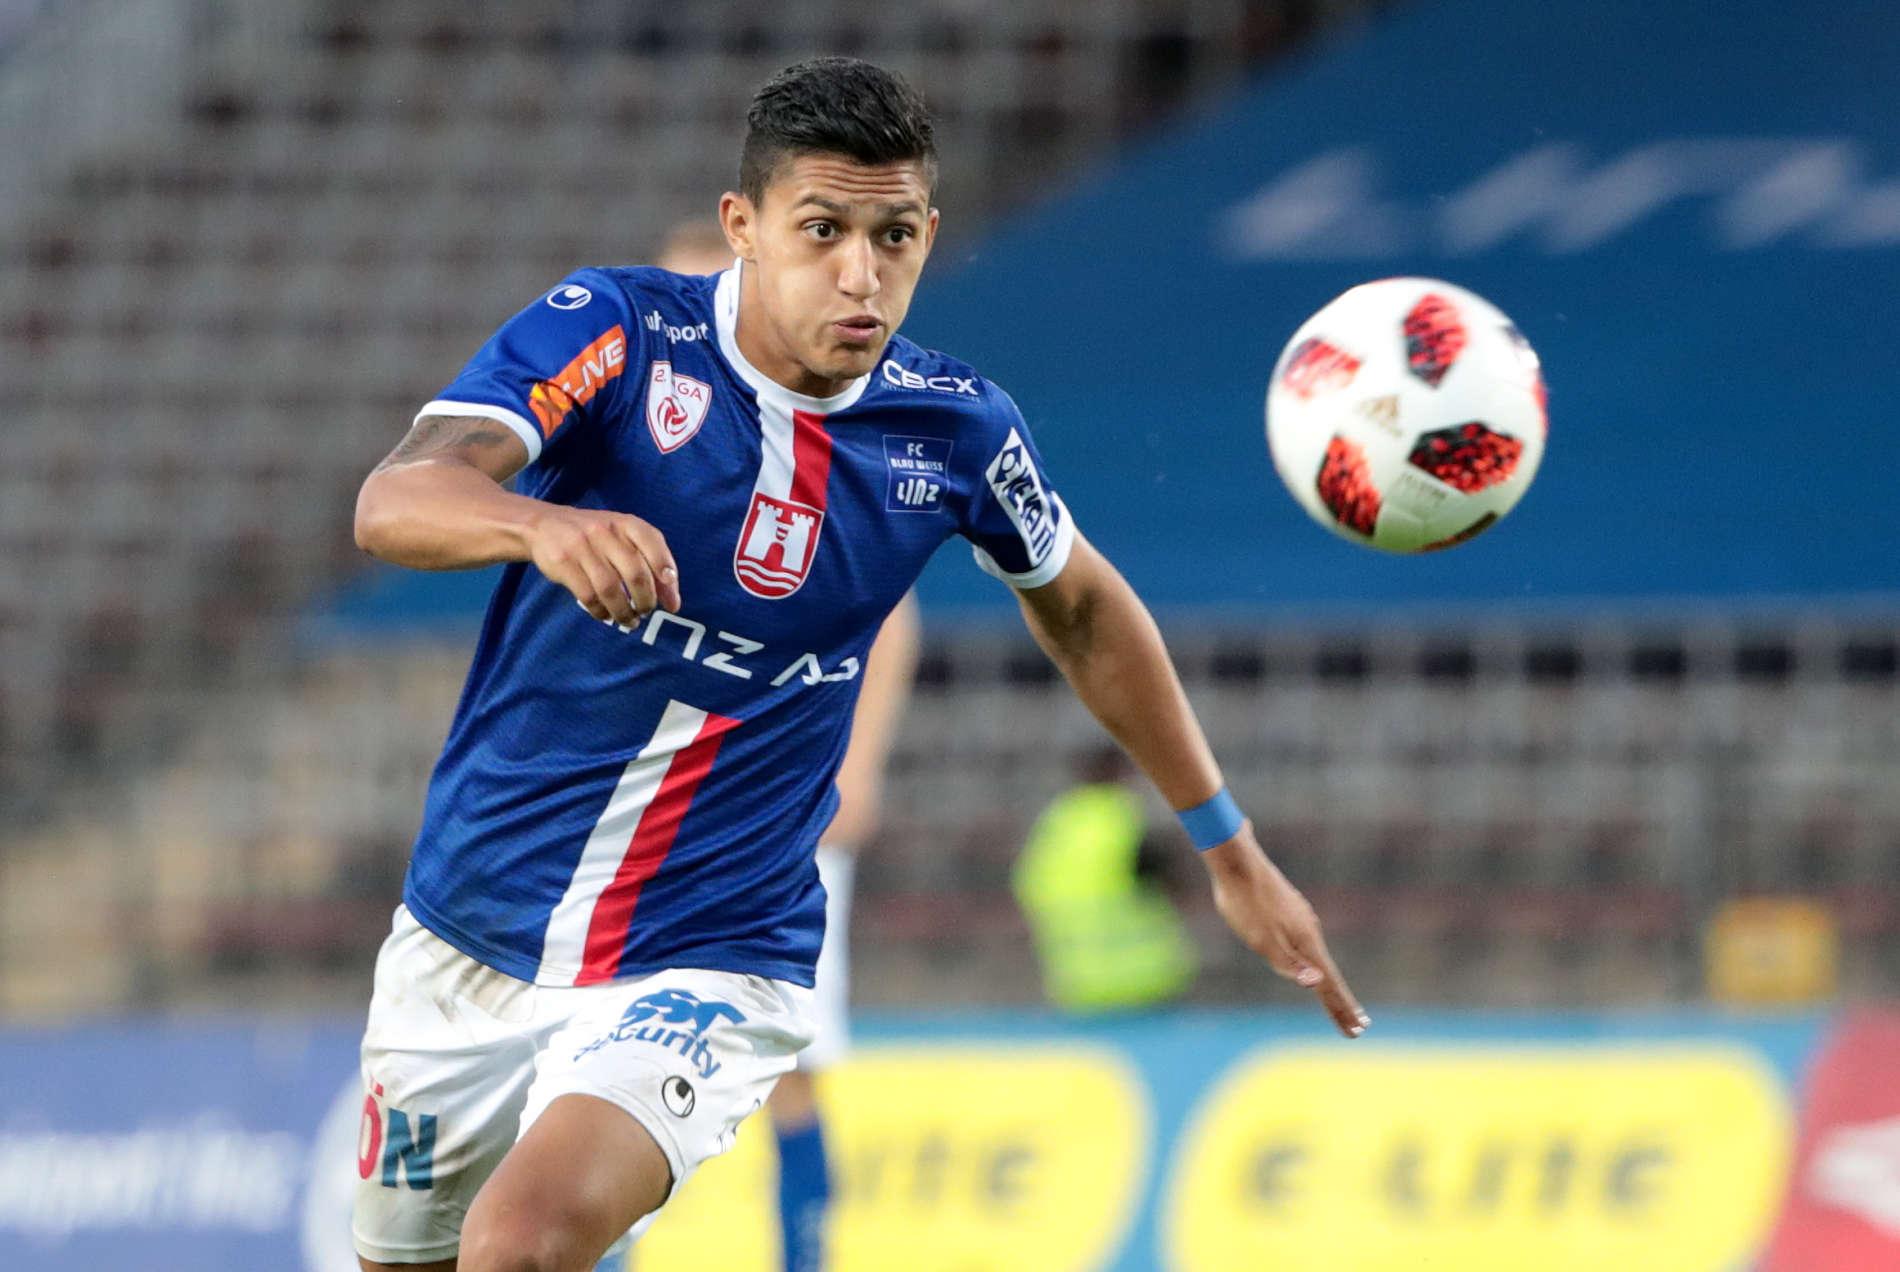 Mit vier Treffern führt Alan Lima Carius, kurz Alan, die Torschützenliste der Zweiten Liga an. In Wattens will der Brasilianer nachlegen.